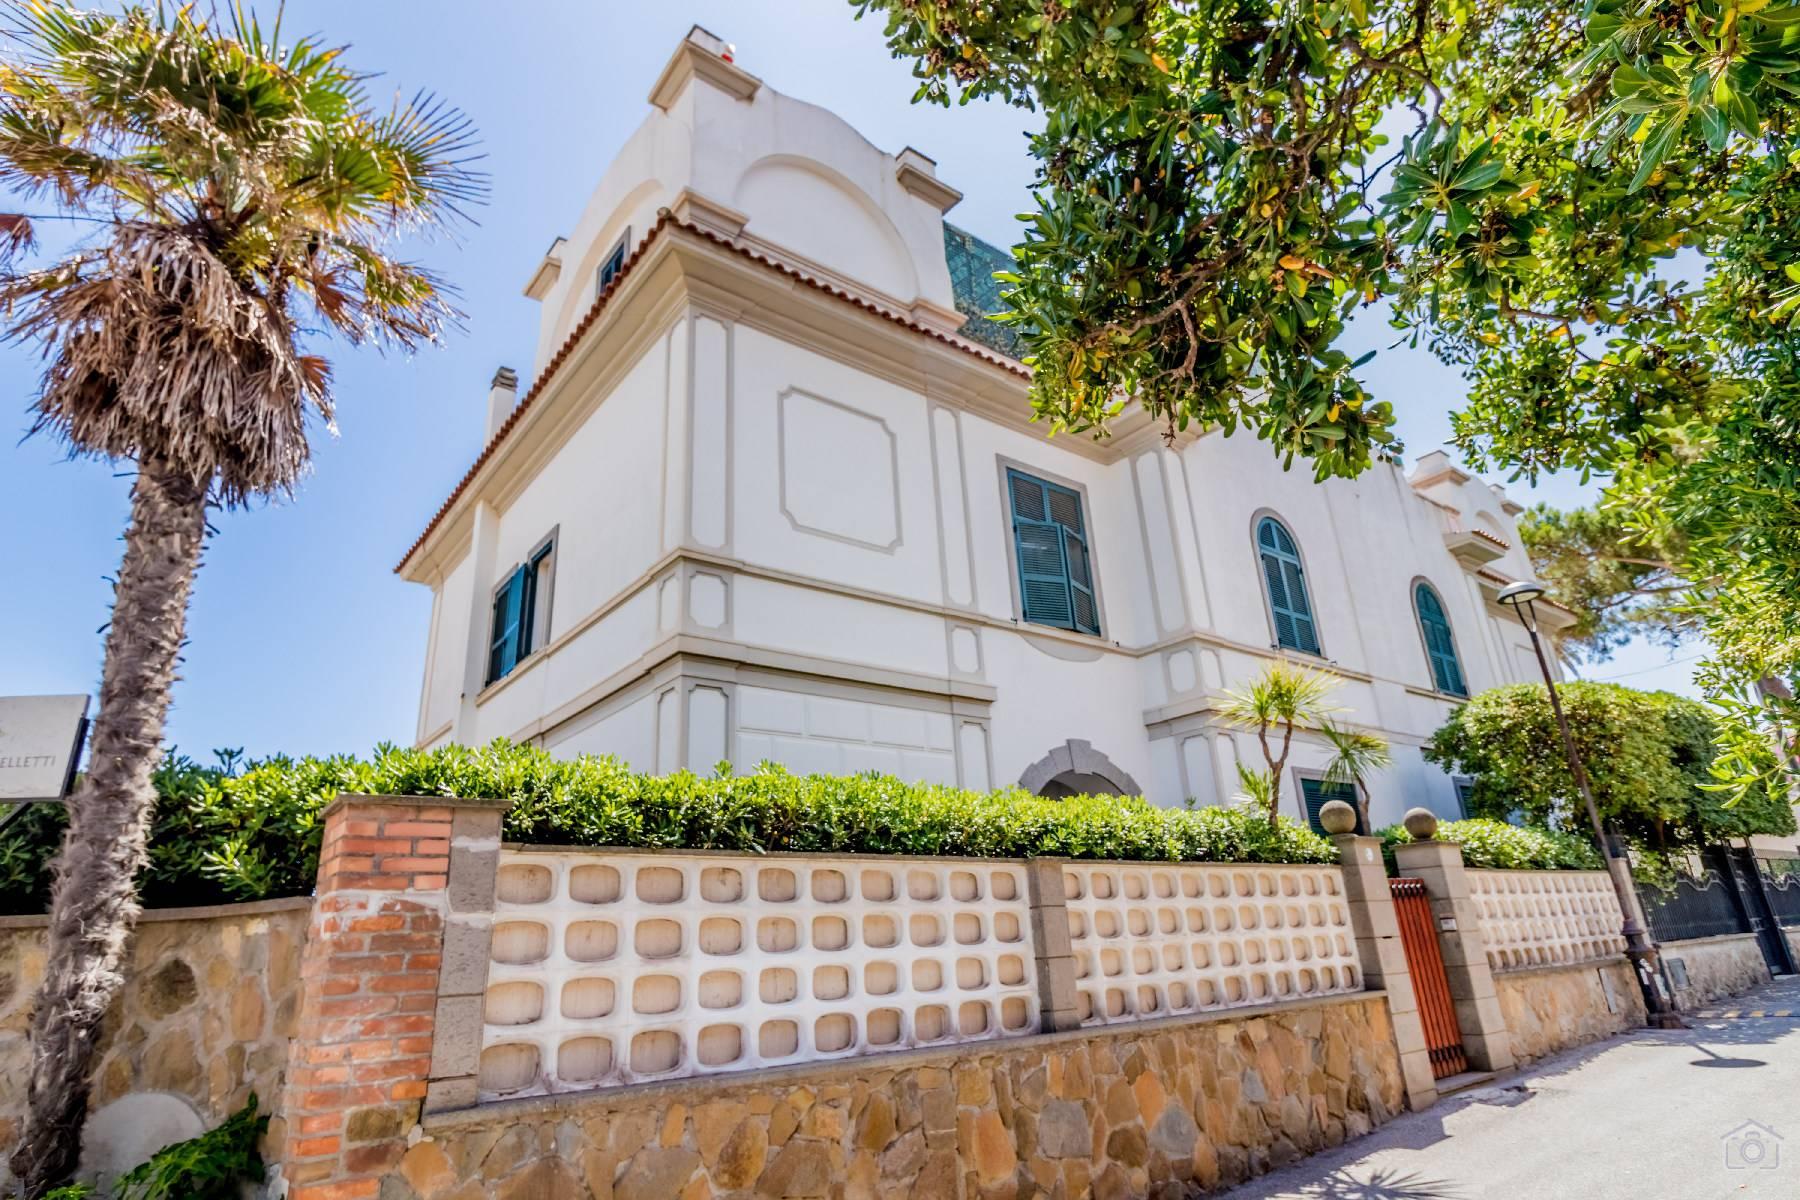 Villa in Vendita a Santa Marinella: 5 locali, 350 mq - Foto 7